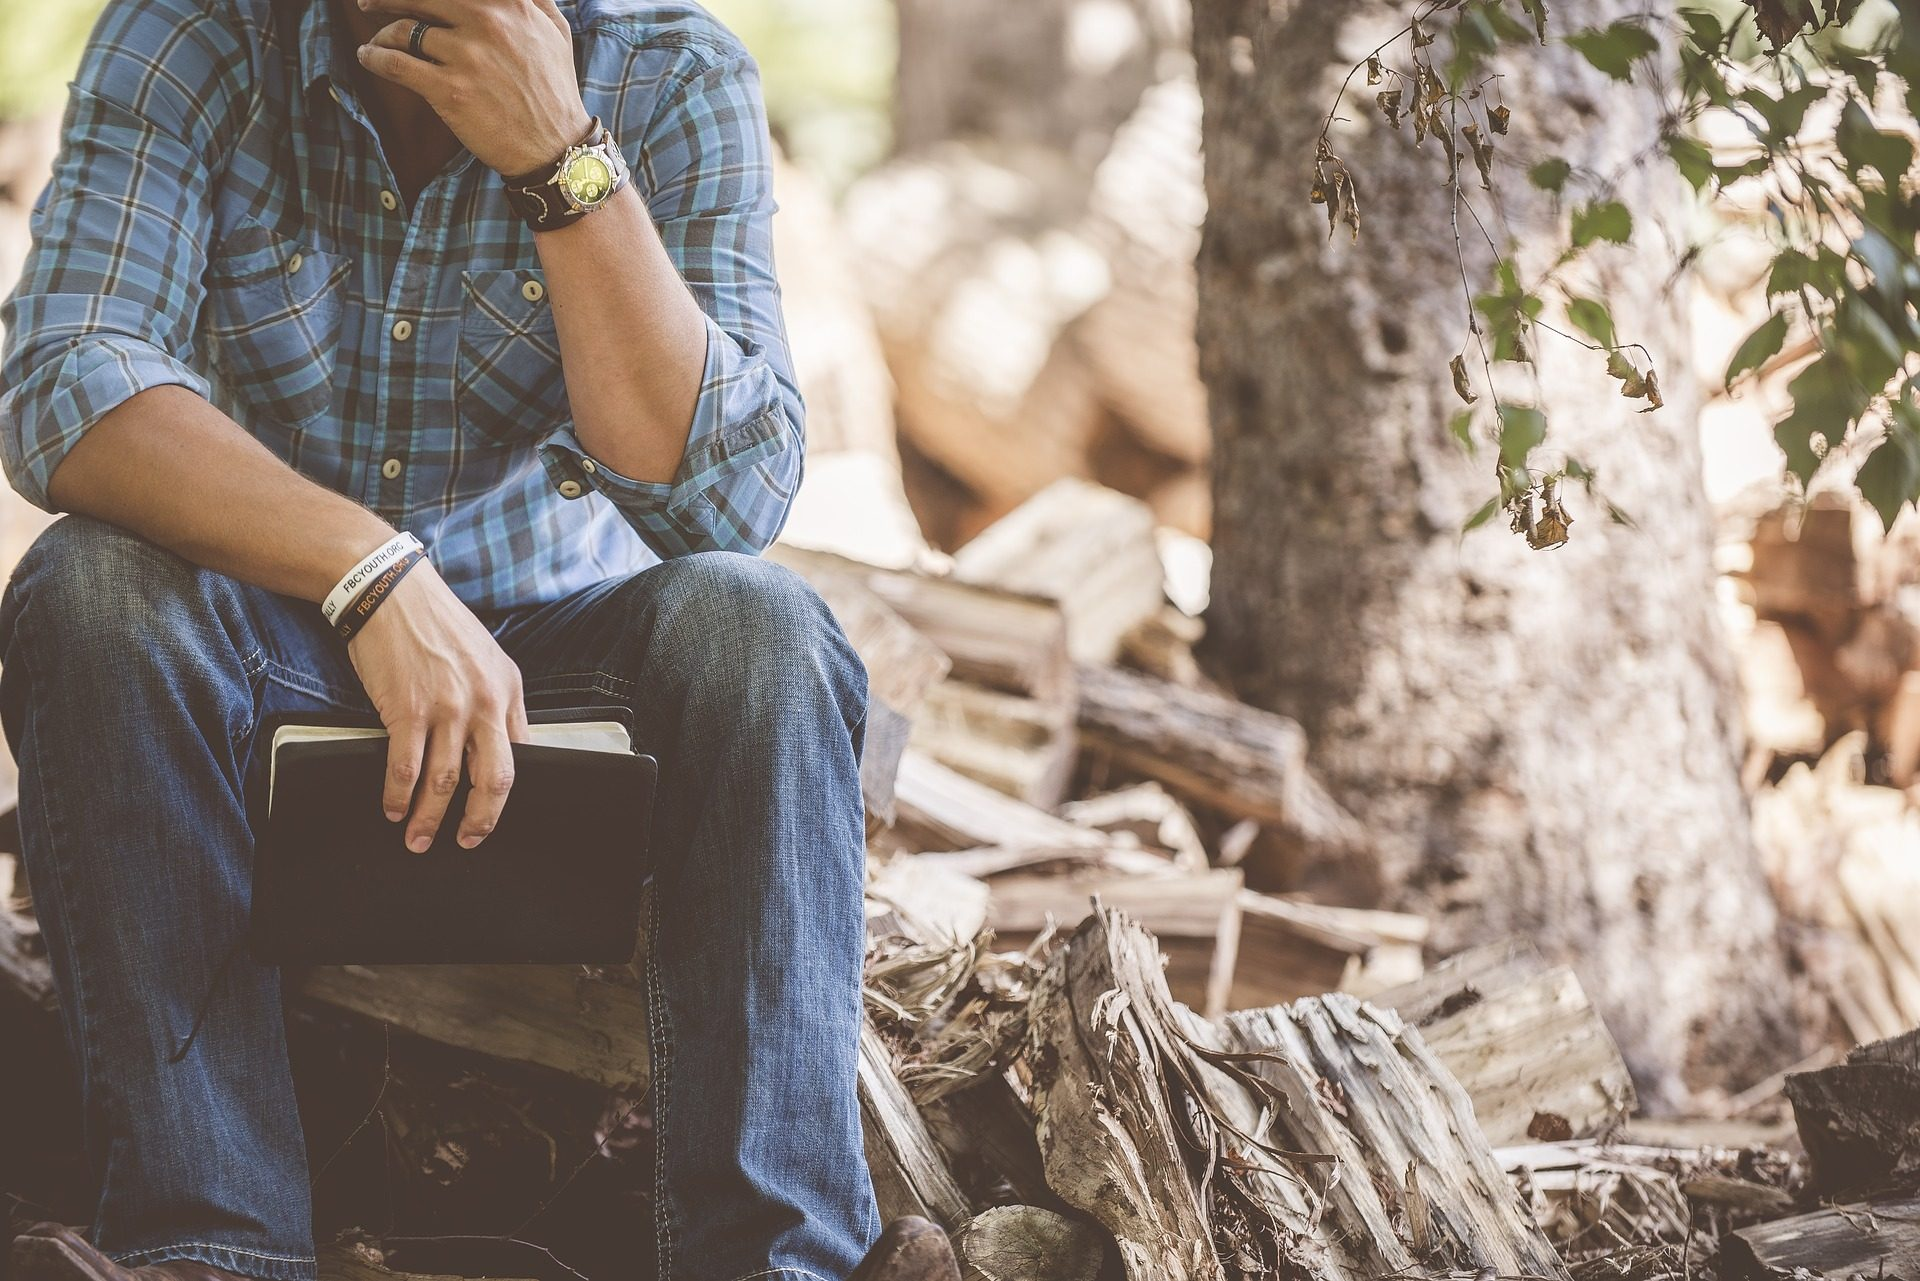 ο άνθρωπος, Βιβλίο, ανάγνωση, συνεδρίαση, δέντρο, κορμοί, ξύλο, Λένα - Wallpapers HD - Professor-falken.com